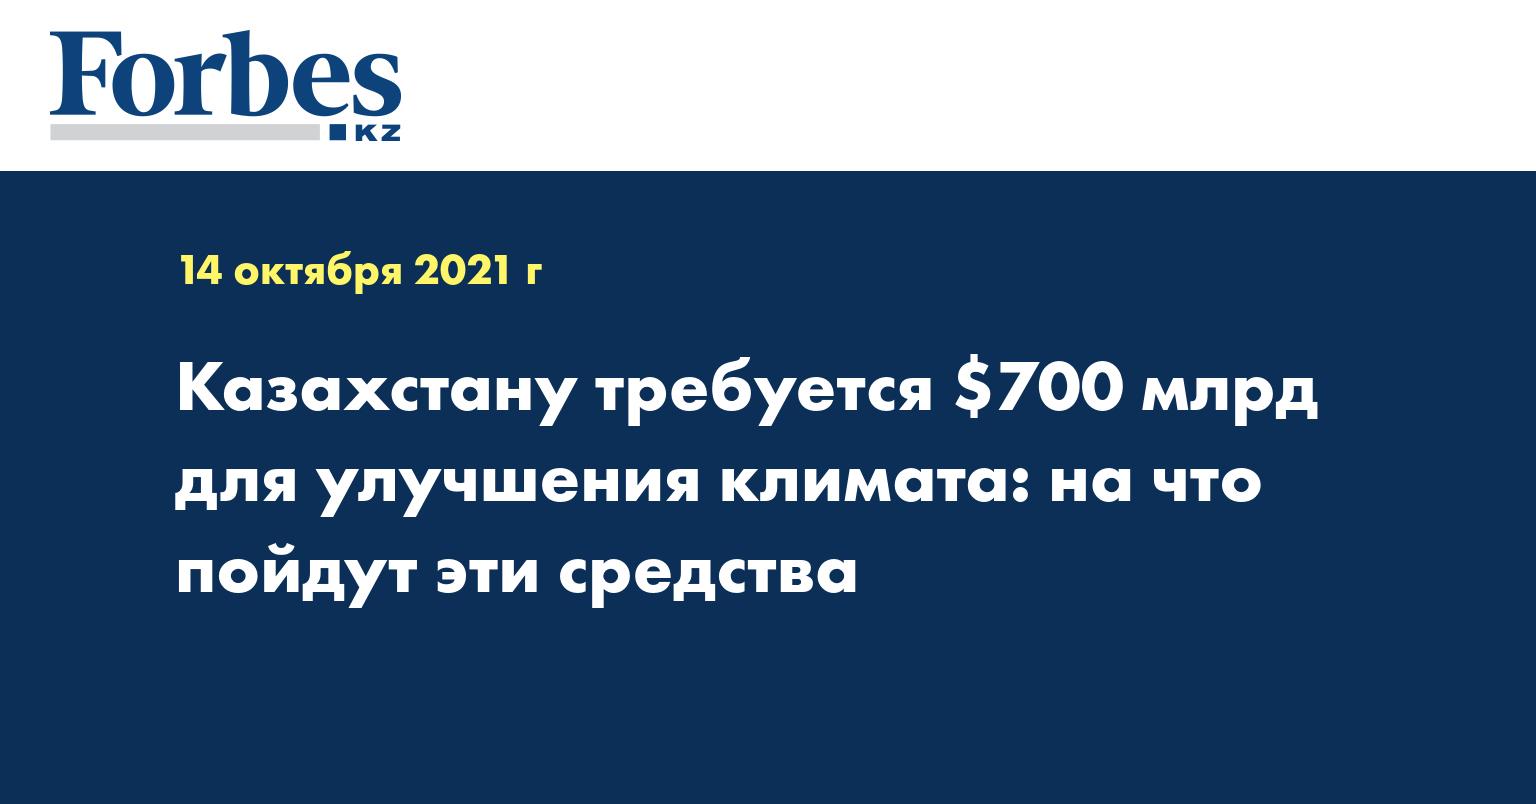 Казахстану требуется $700 млрд для улучшения климата: на что пойдут эти средства